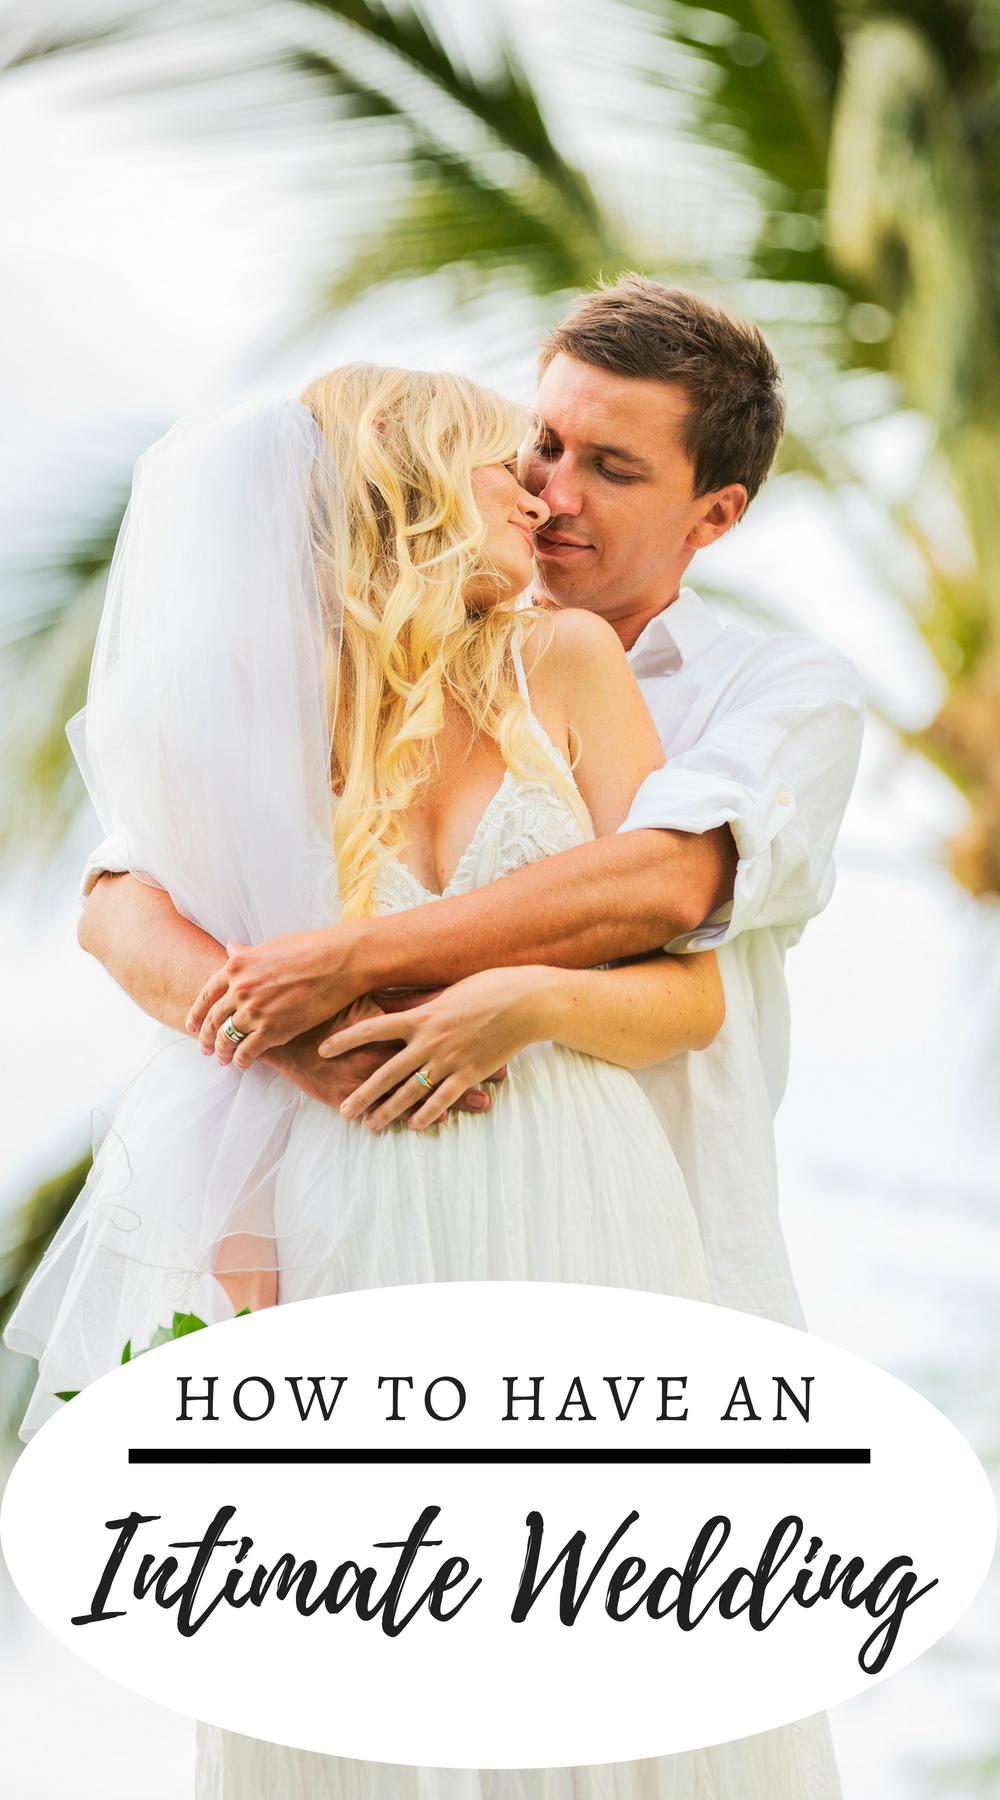 Intimate Weddings Small Weddings Wedding Tips Small Intimate Wedding Wedding Tips Intimate Wedding